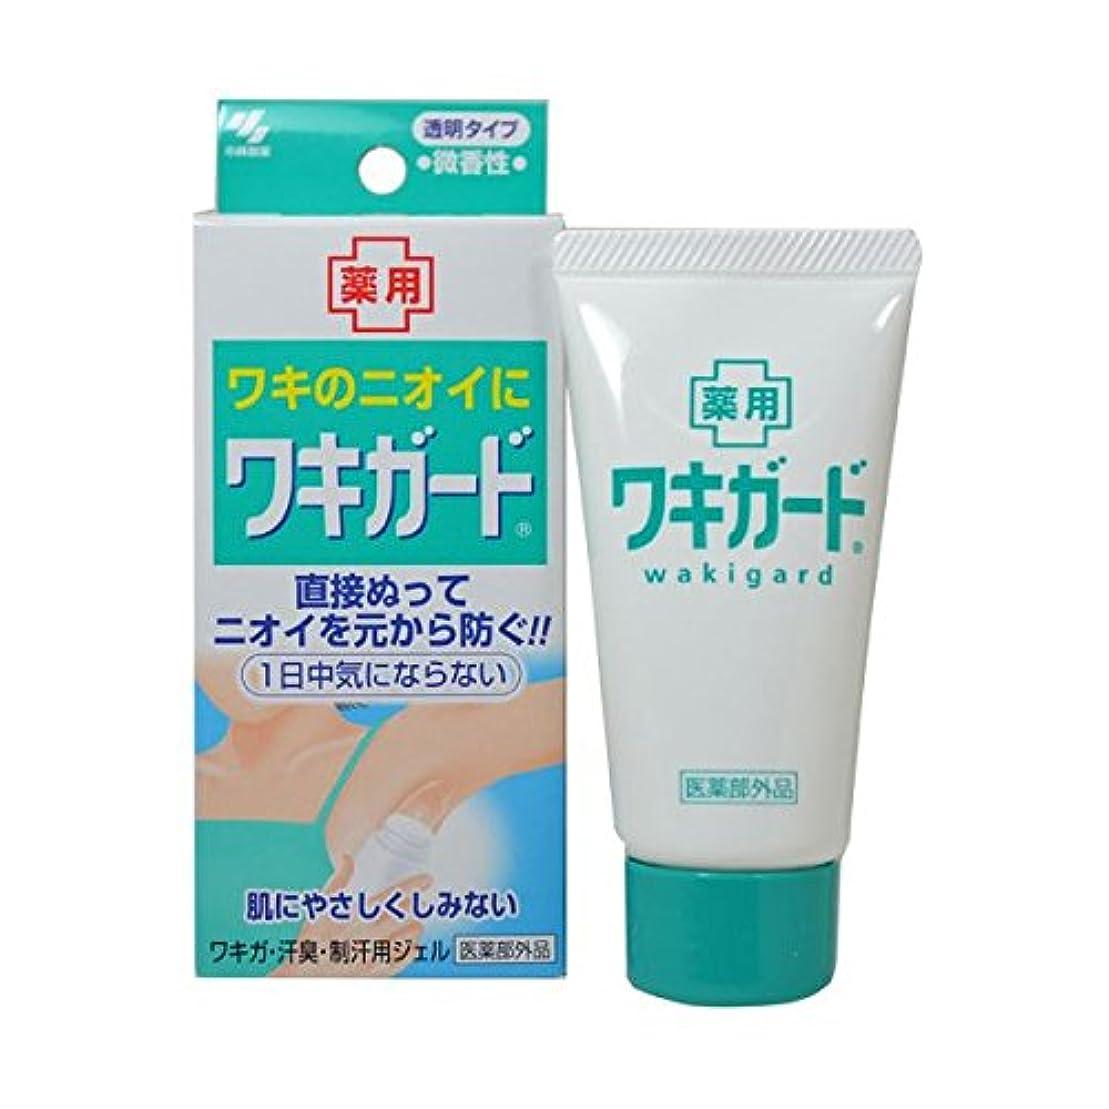 つまずく重要蒸留する【お徳用 3 セット】 小林製薬 ワキガード 50g×3セット